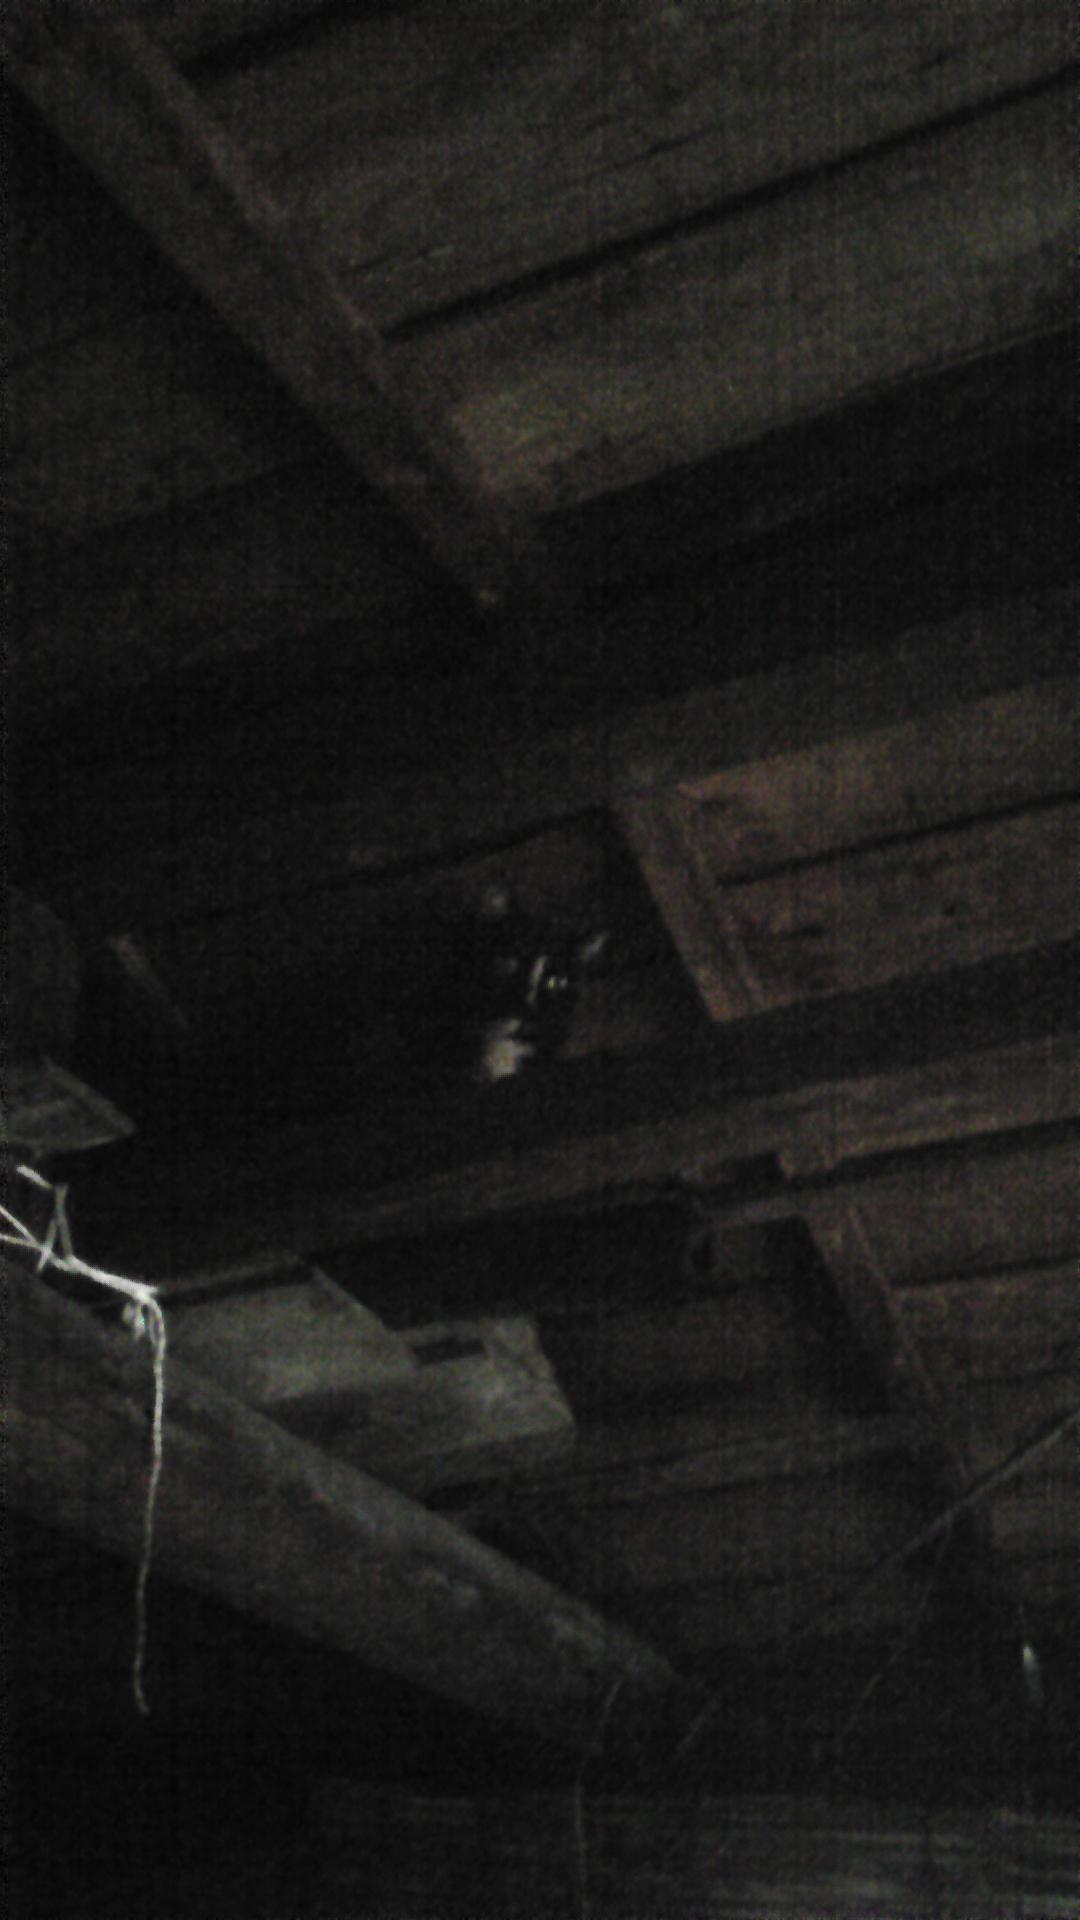 野良ニャンコ、車庫に一泊!?